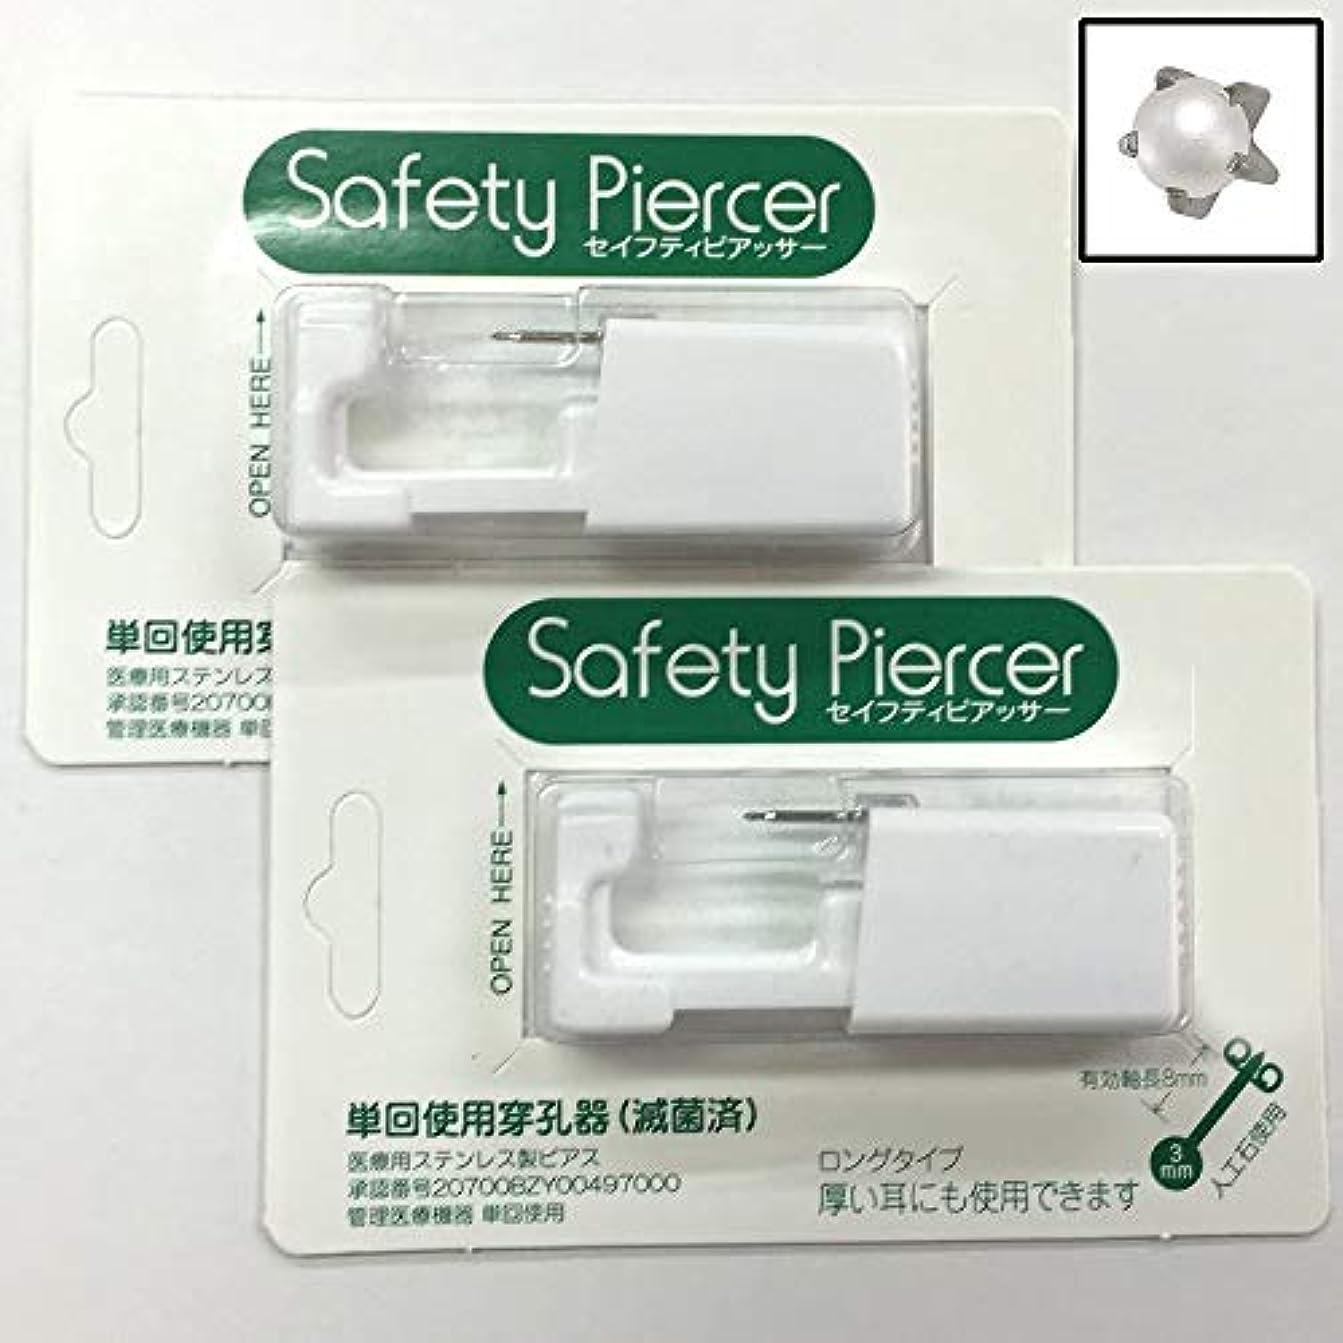 文句を言う塩辛い危機セイフティピアッサー シルバー (医療用ステンレス) 3mm パール色 5M1301WL(2個セット)